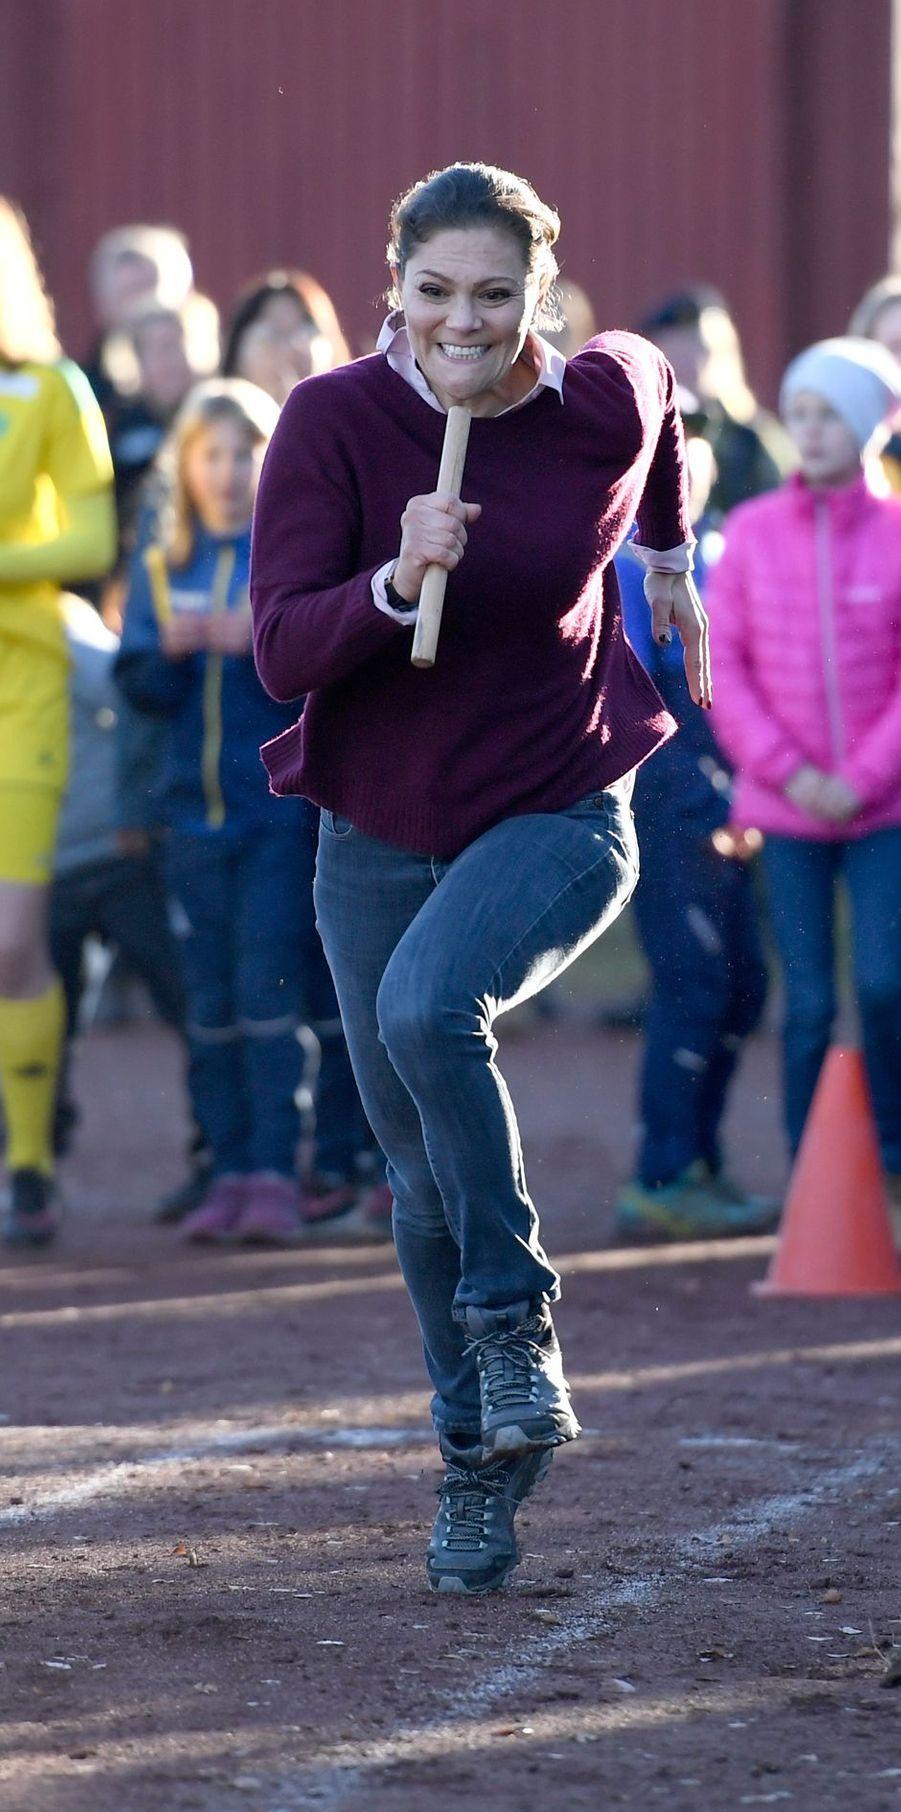 La princesse Victoria de Suède pratique la course de relais lors de sa randonnée dans le Hälsingland, le 22 octobre 2018